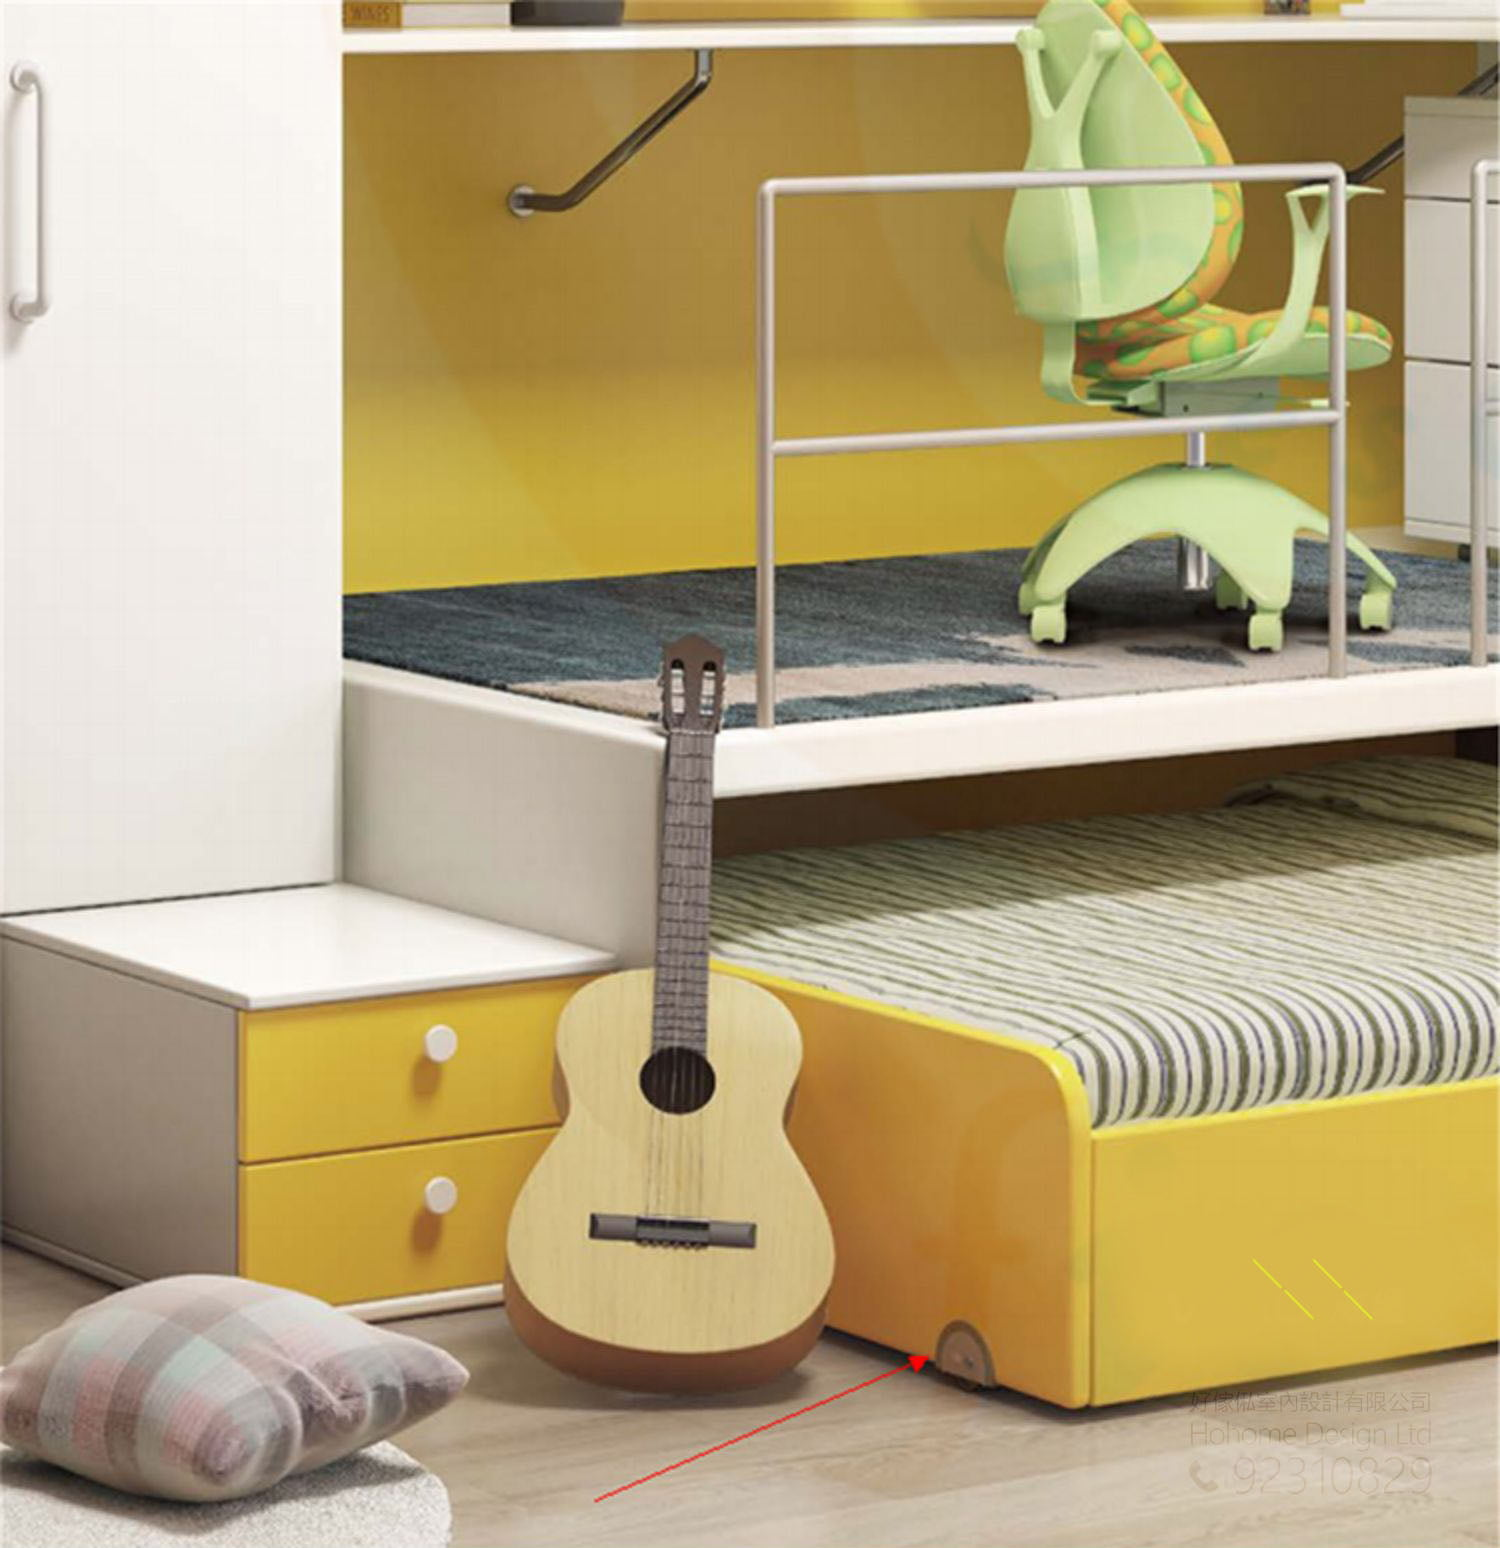 子母床必備的嵌入式移動滑輪五金,適合應用在訂造書櫃、子母床、組合床 / 上下床 / 碌架床及儲物櫃或其他由我們設計師建議的訂造傢俬之上